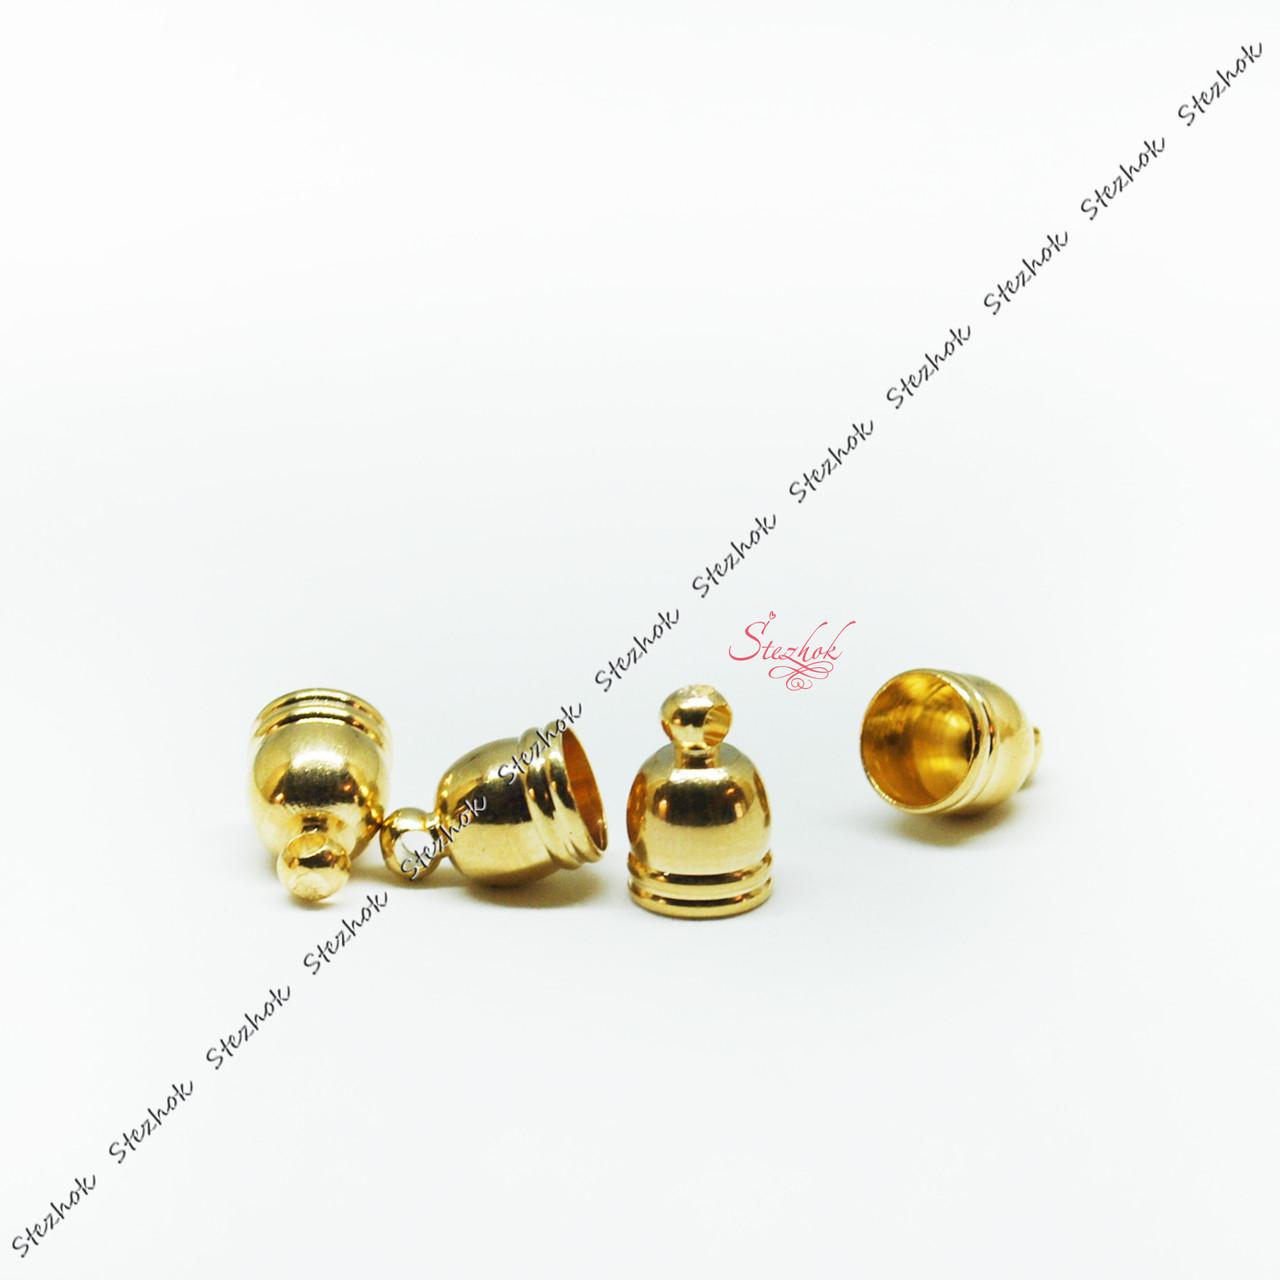 Концевик для шнура 10х6мм золото для рукоделия